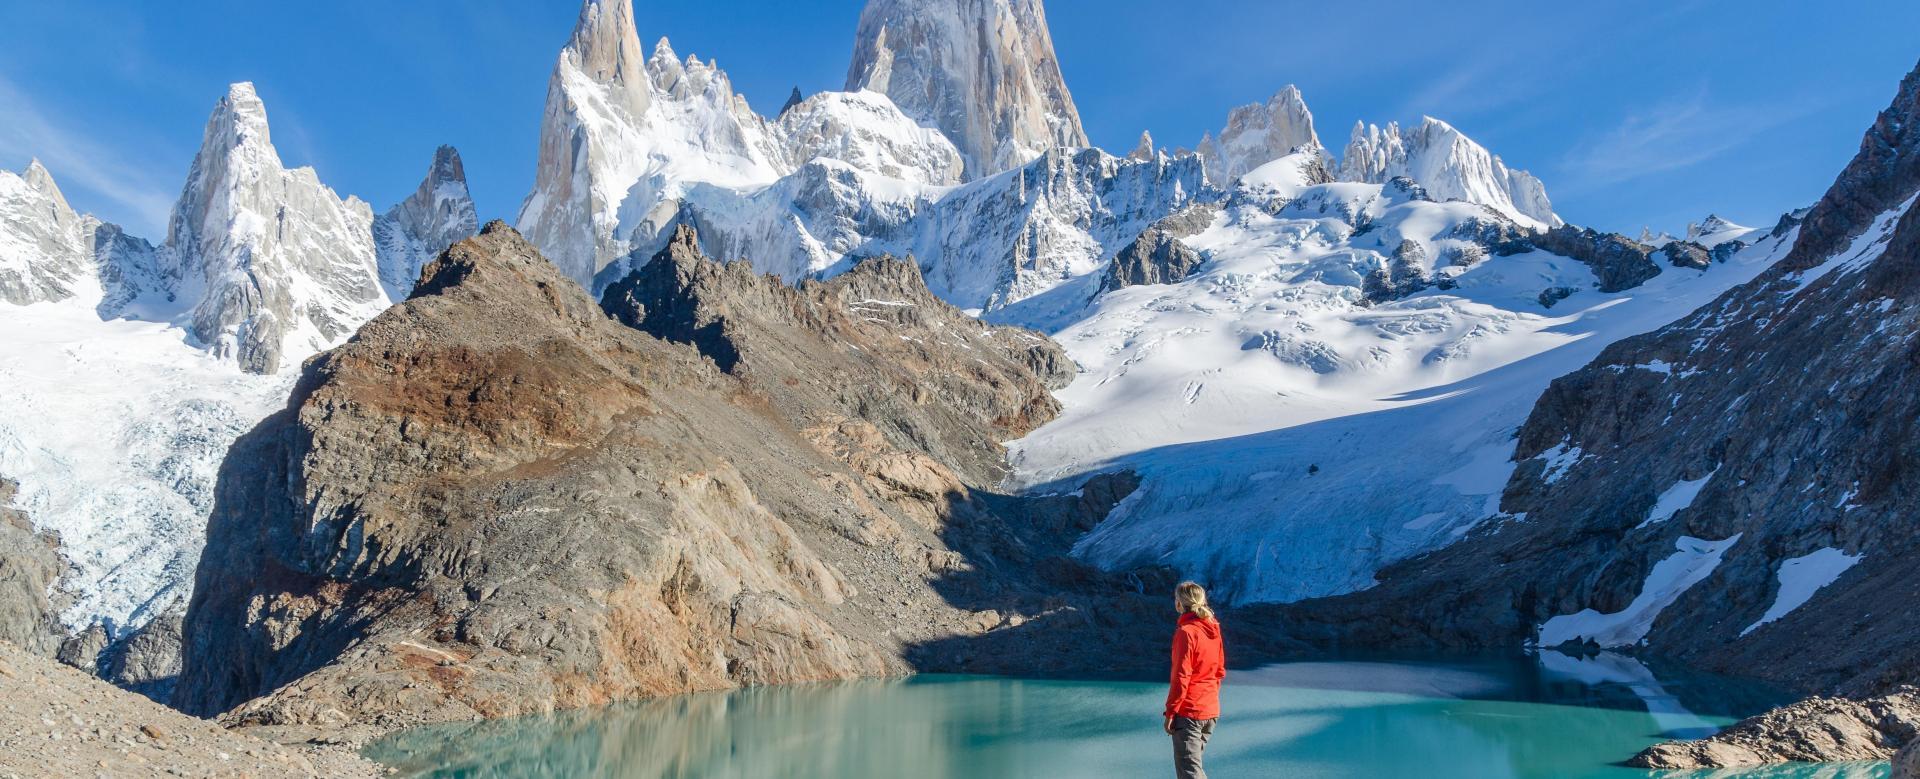 Voyage à pied Argentine : Route australe et patagonie